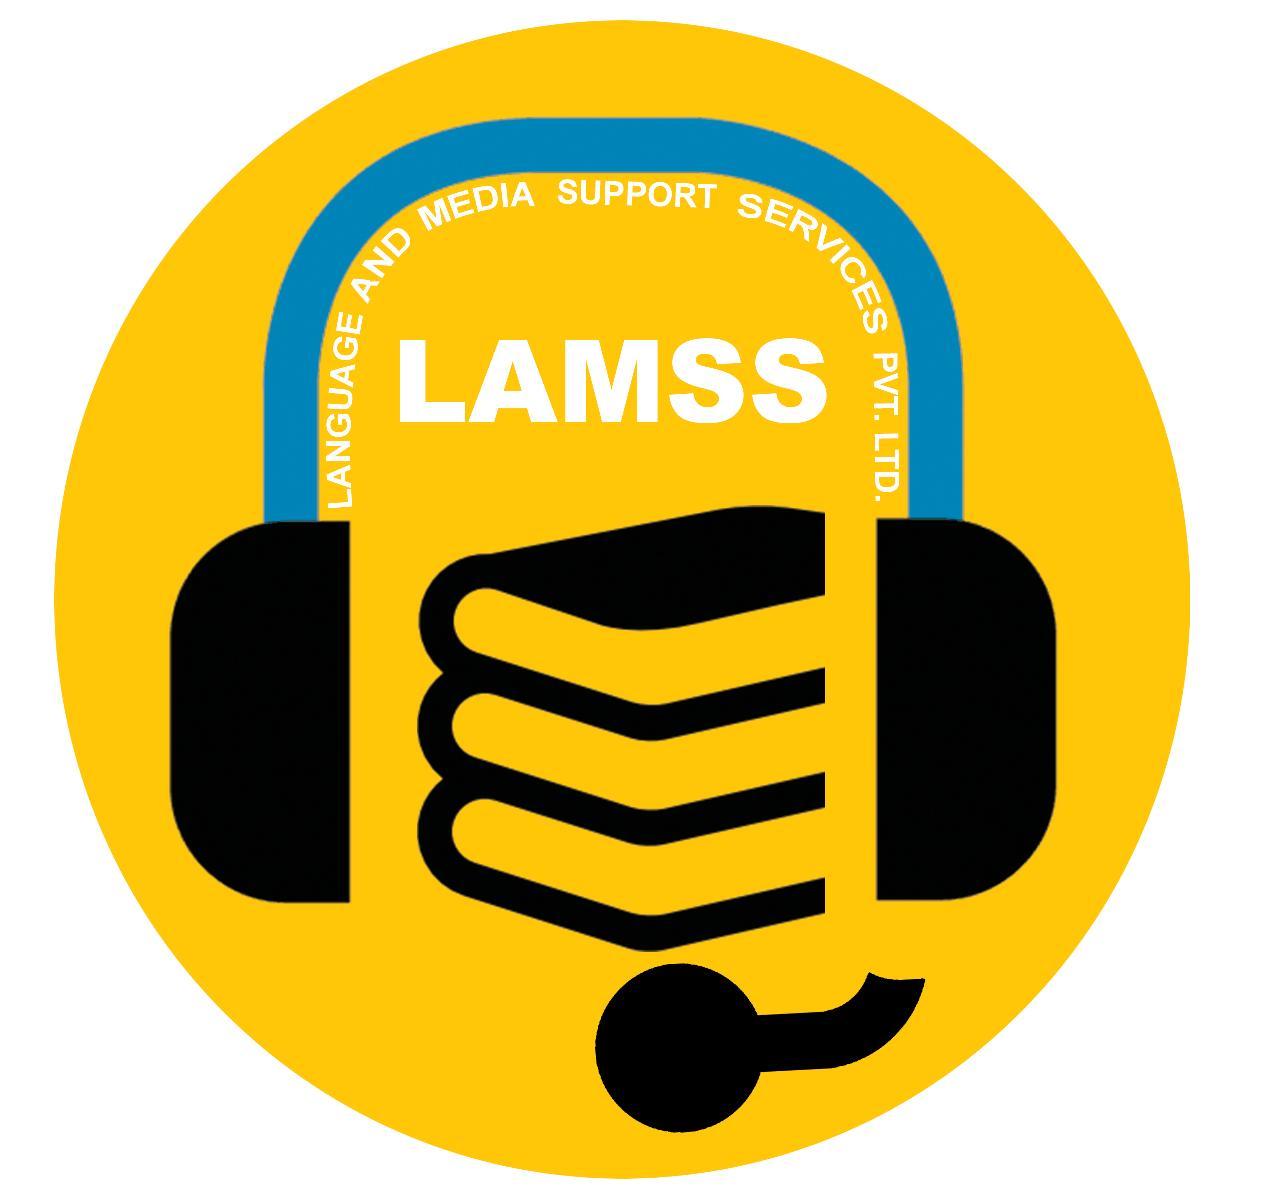 lamss